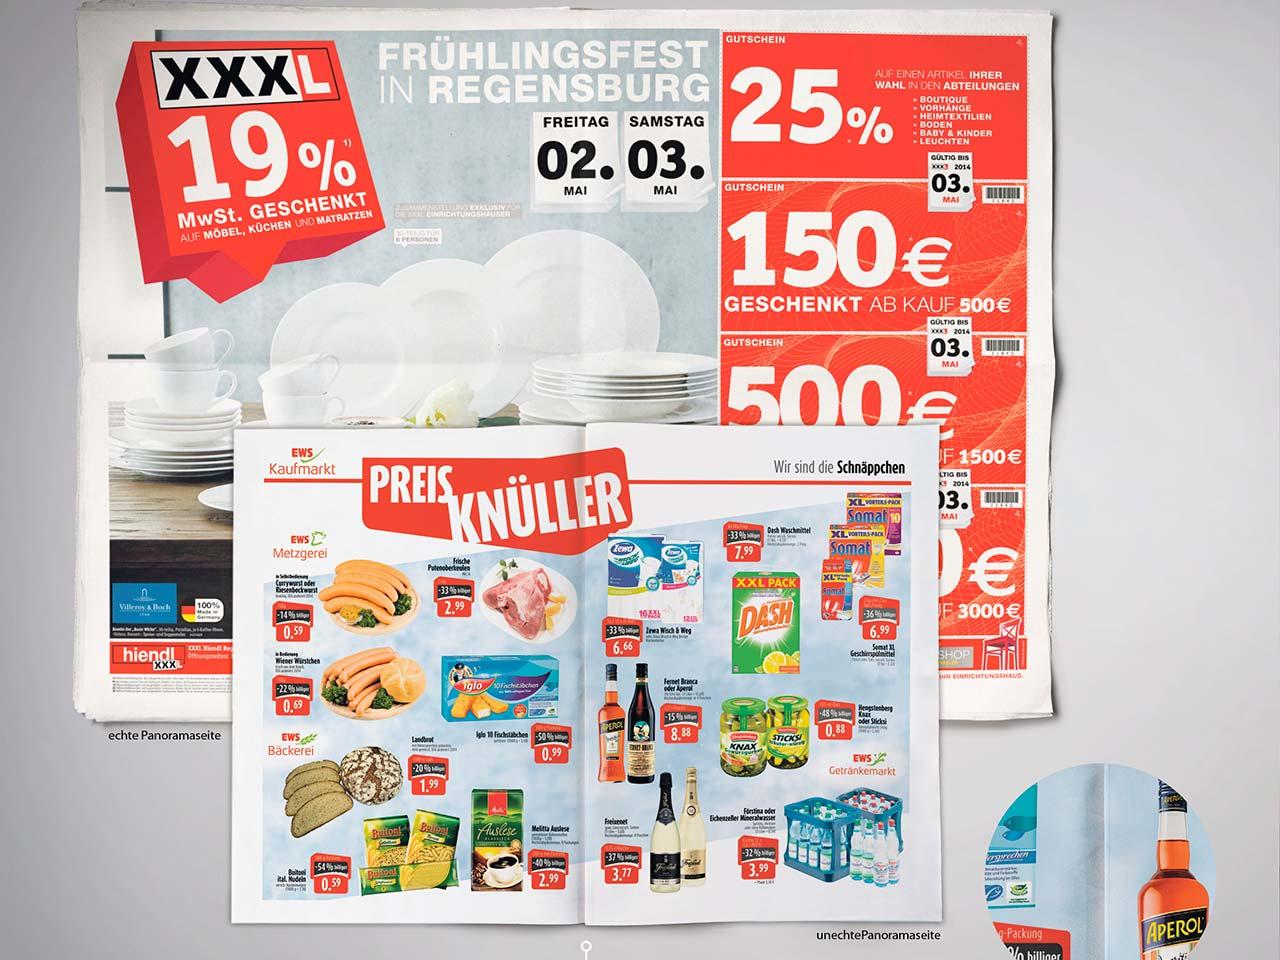 Ansicht einer aufgeklappten Zeitung und einer aufgeklappten Beilage aus dem Druck von Oberpfalz Medien zur Veranschaulichung des Panoramaformats.